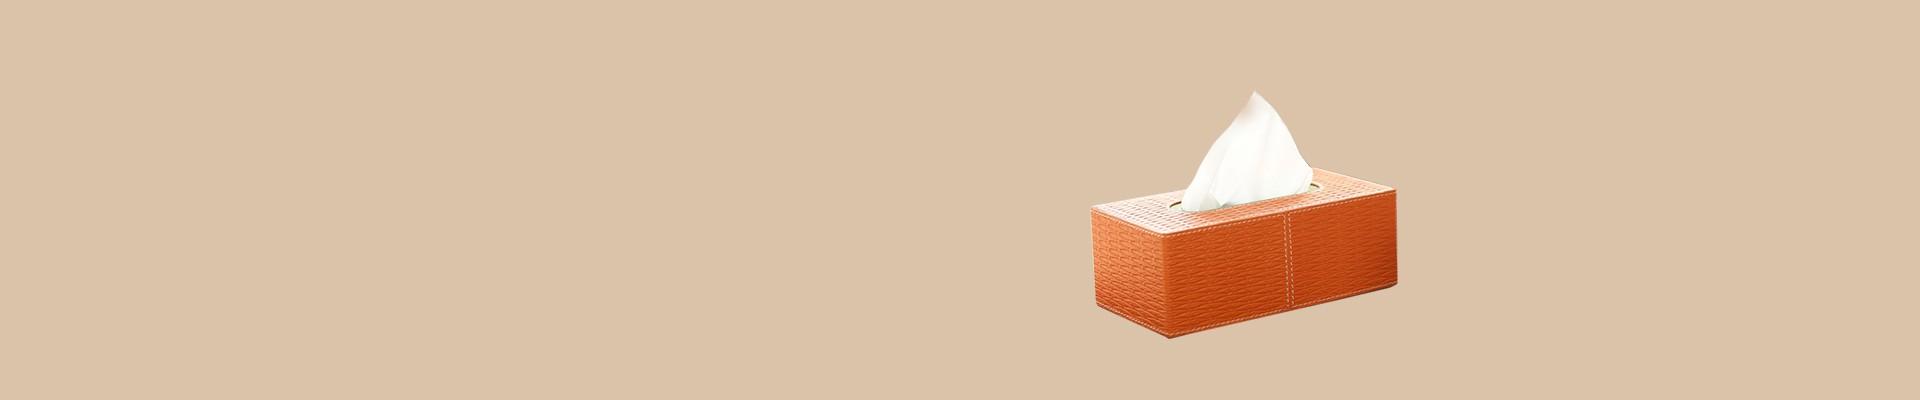 Jual Tempat Tisu / Kotak Tissue Semua Bahan